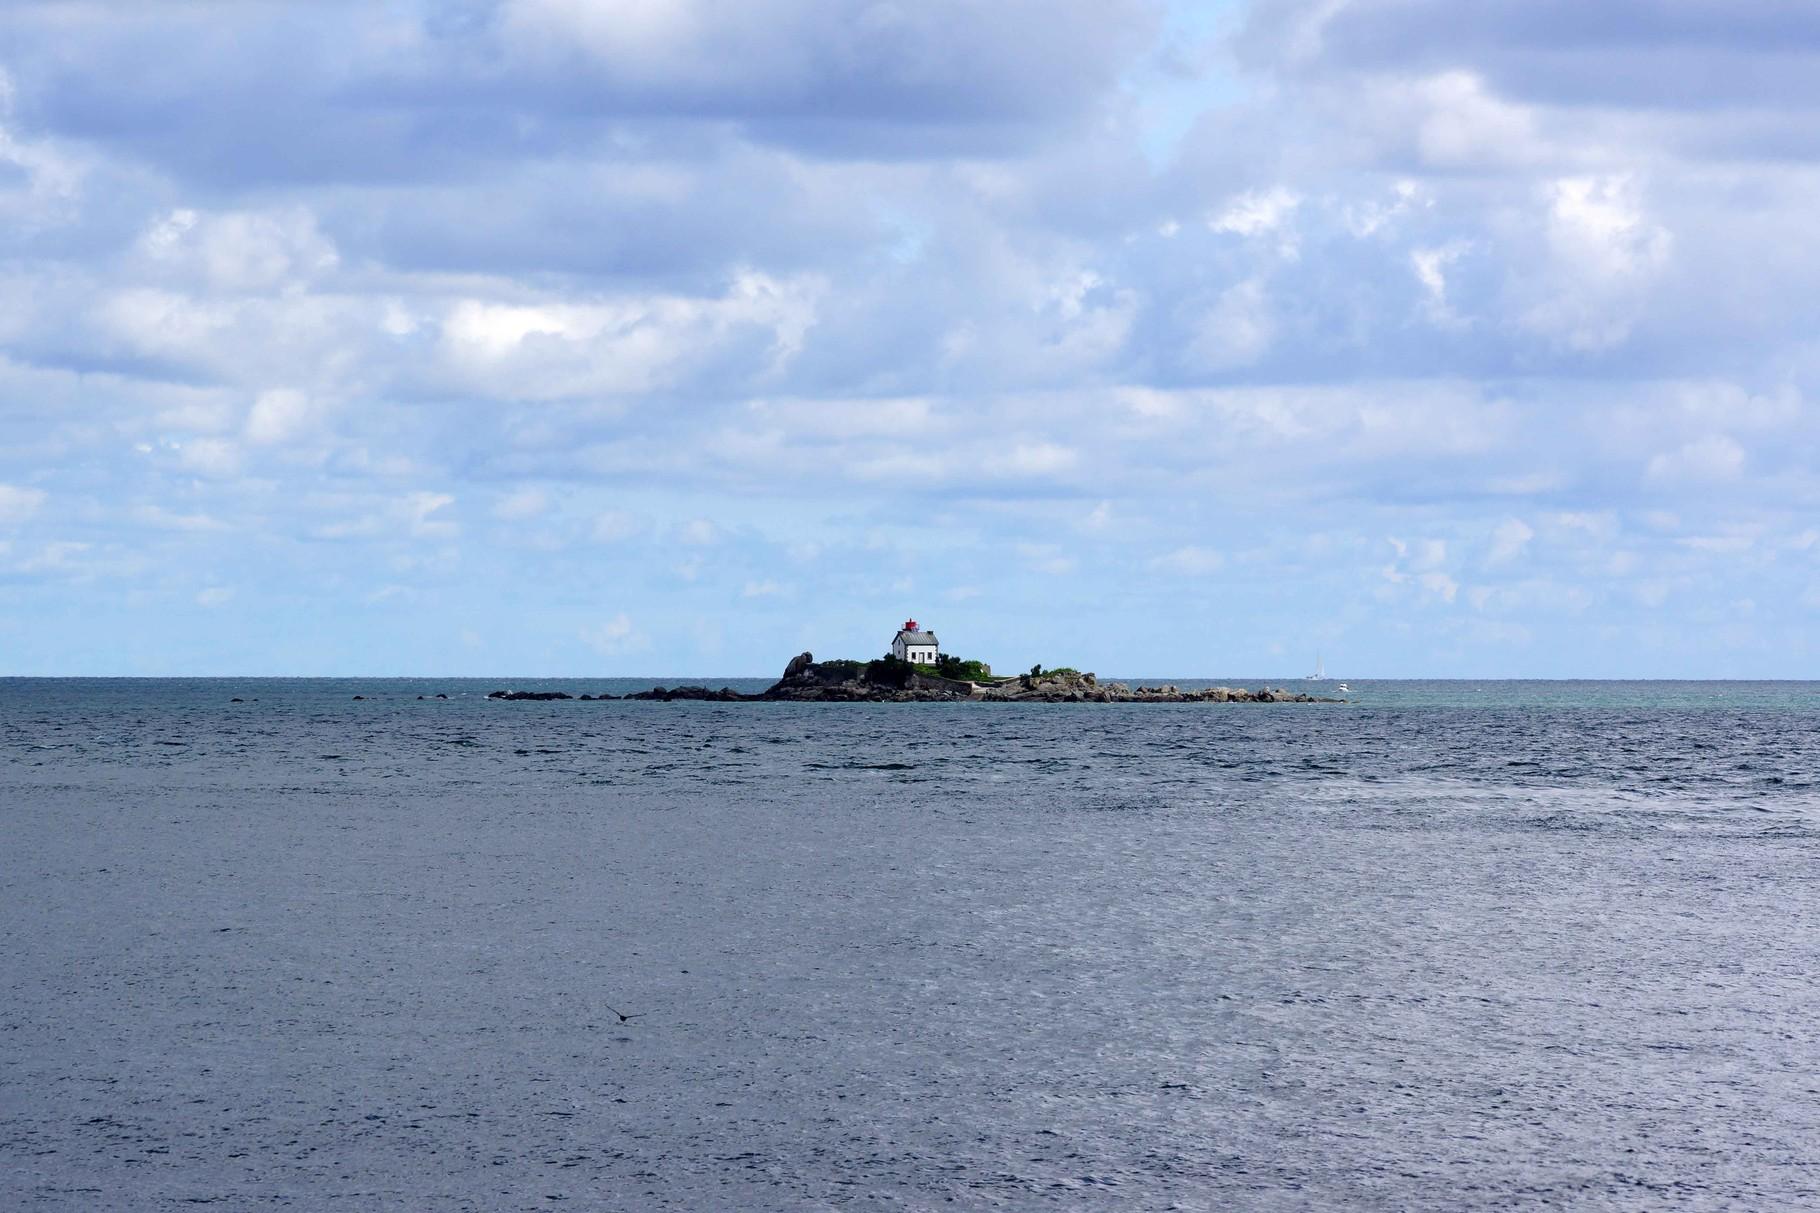 La Perle Harbour